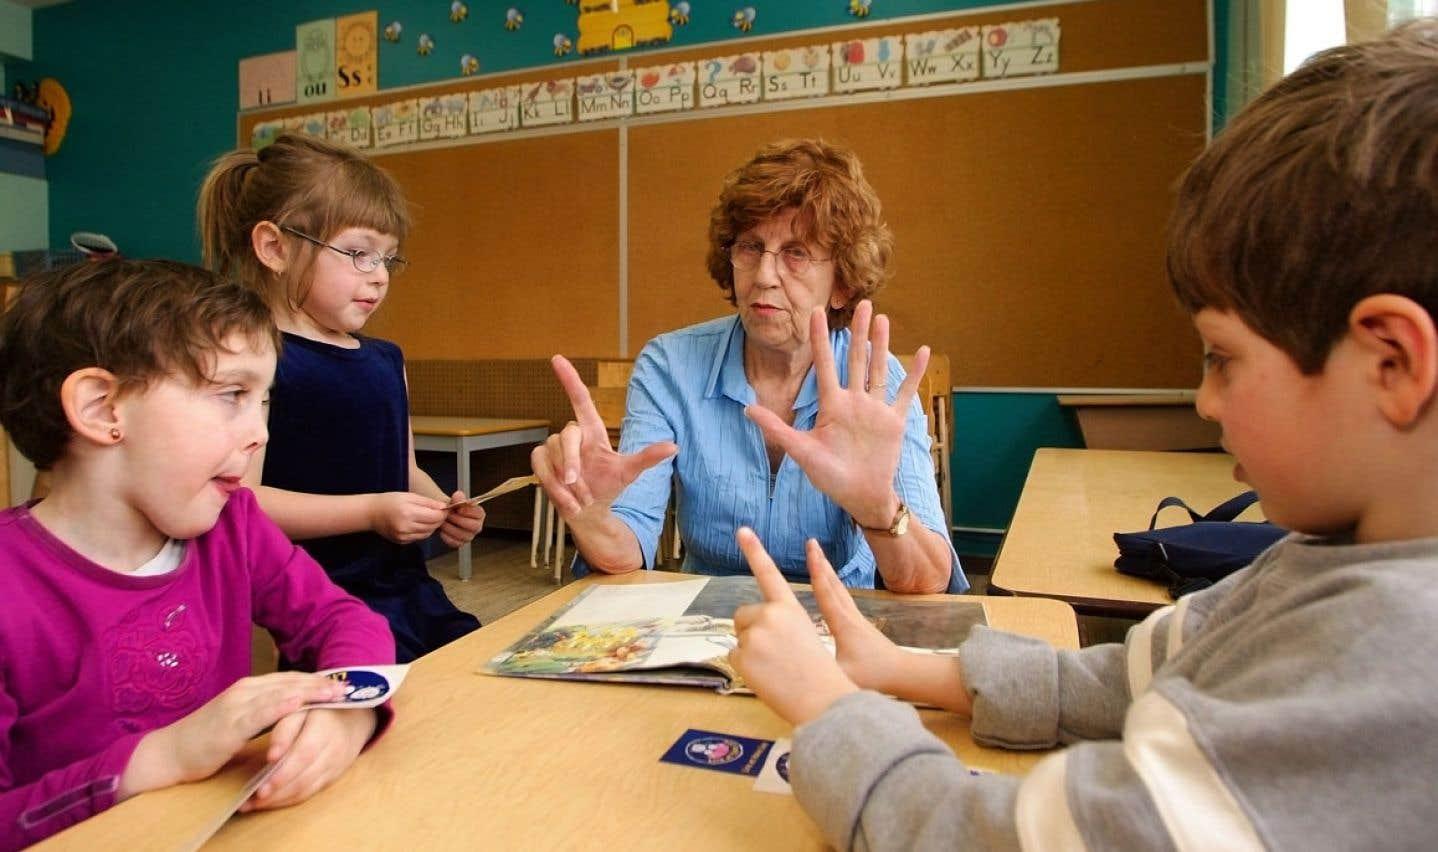 La FAE aimerait voir les enfants entrer à la maternelle dès l'âge de quatre ans. Des projets-pilotes ont donc été mis sur pied à cette fin dans six territoires.